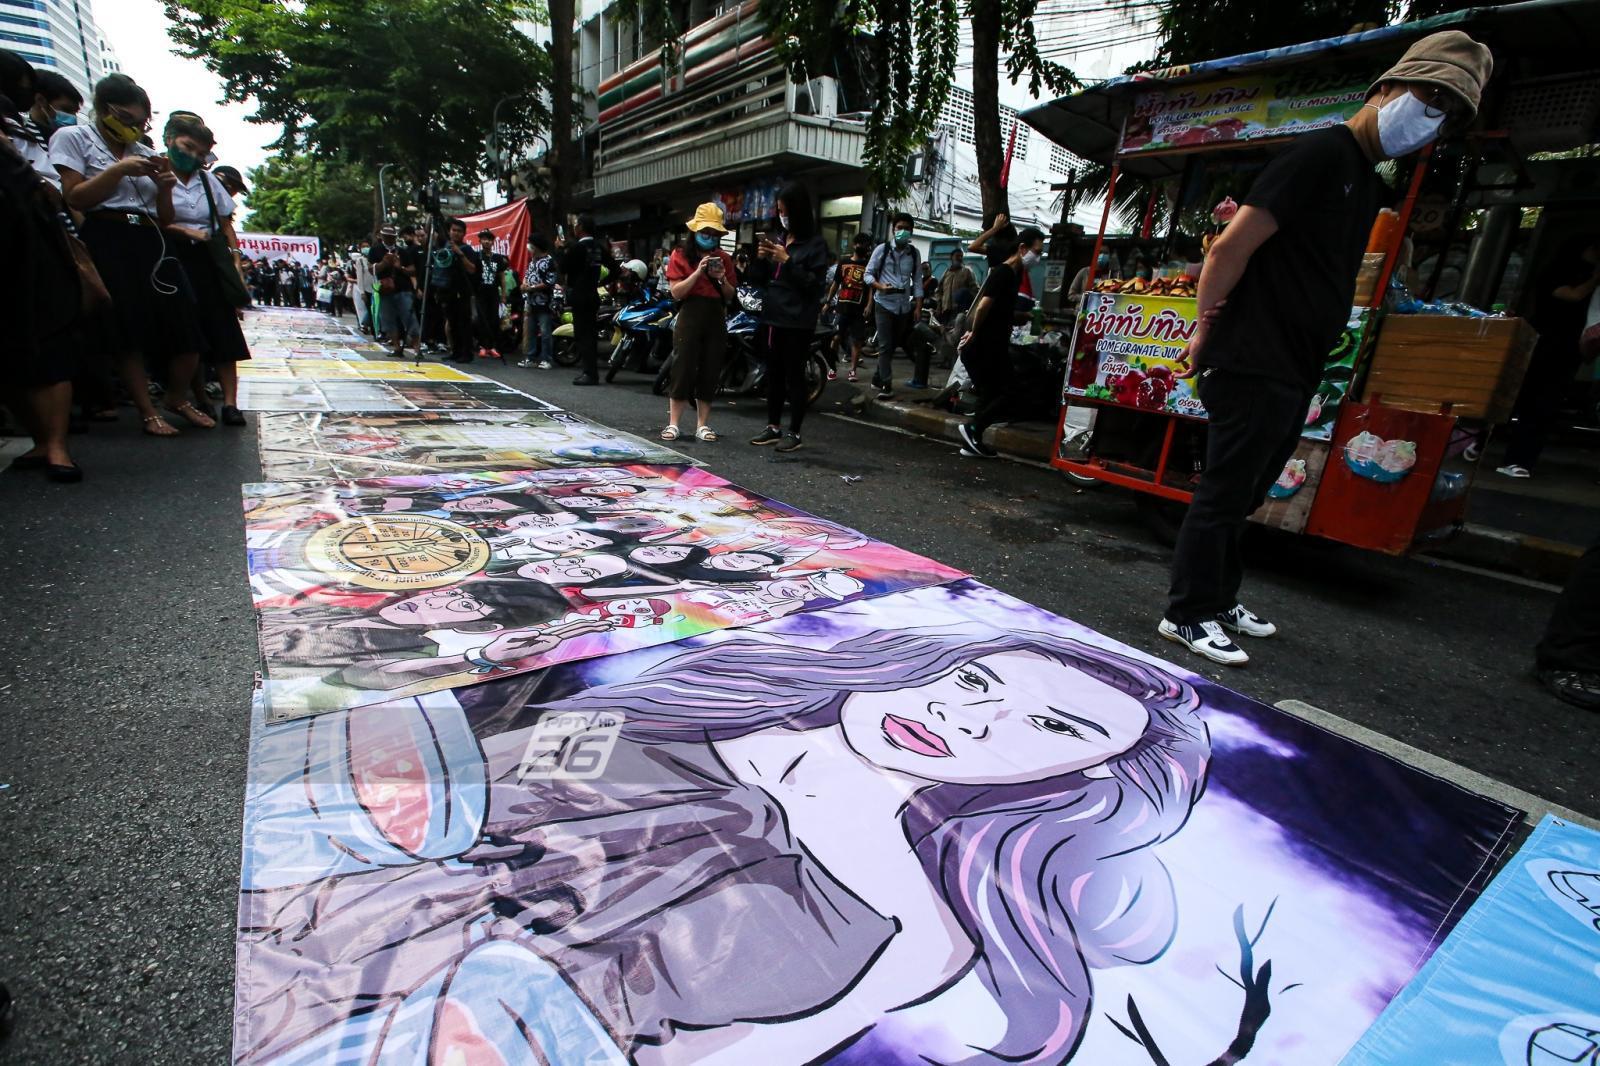 ม็อบคณะราษฎร ปิดถนนสีลม จัดแฟชั่นโชว์ แสดงศิลปะ สะท้อนข้อเรียกร้อง